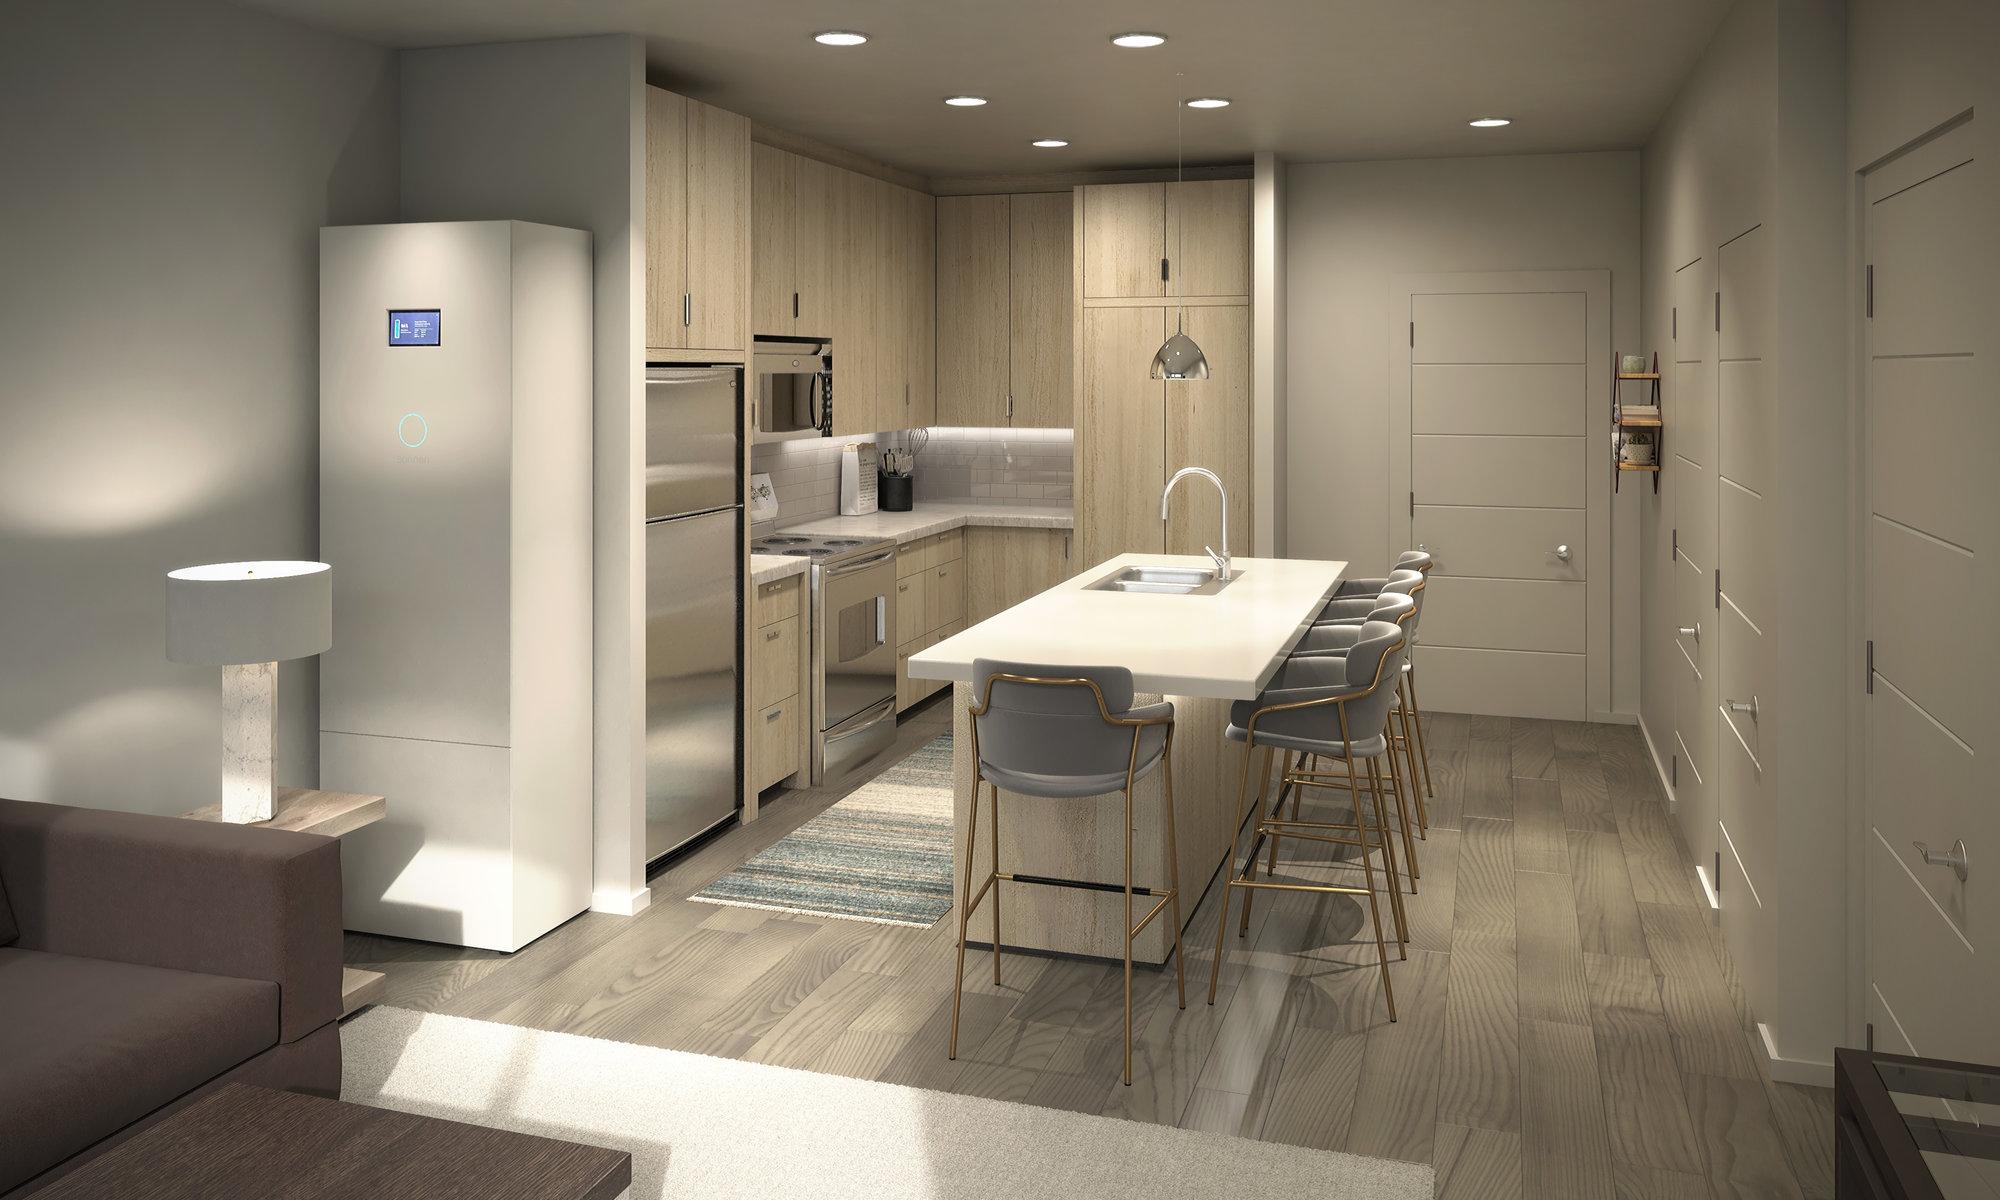 19.05.29_Soleil_Lofts_interior_kitchen.jpg